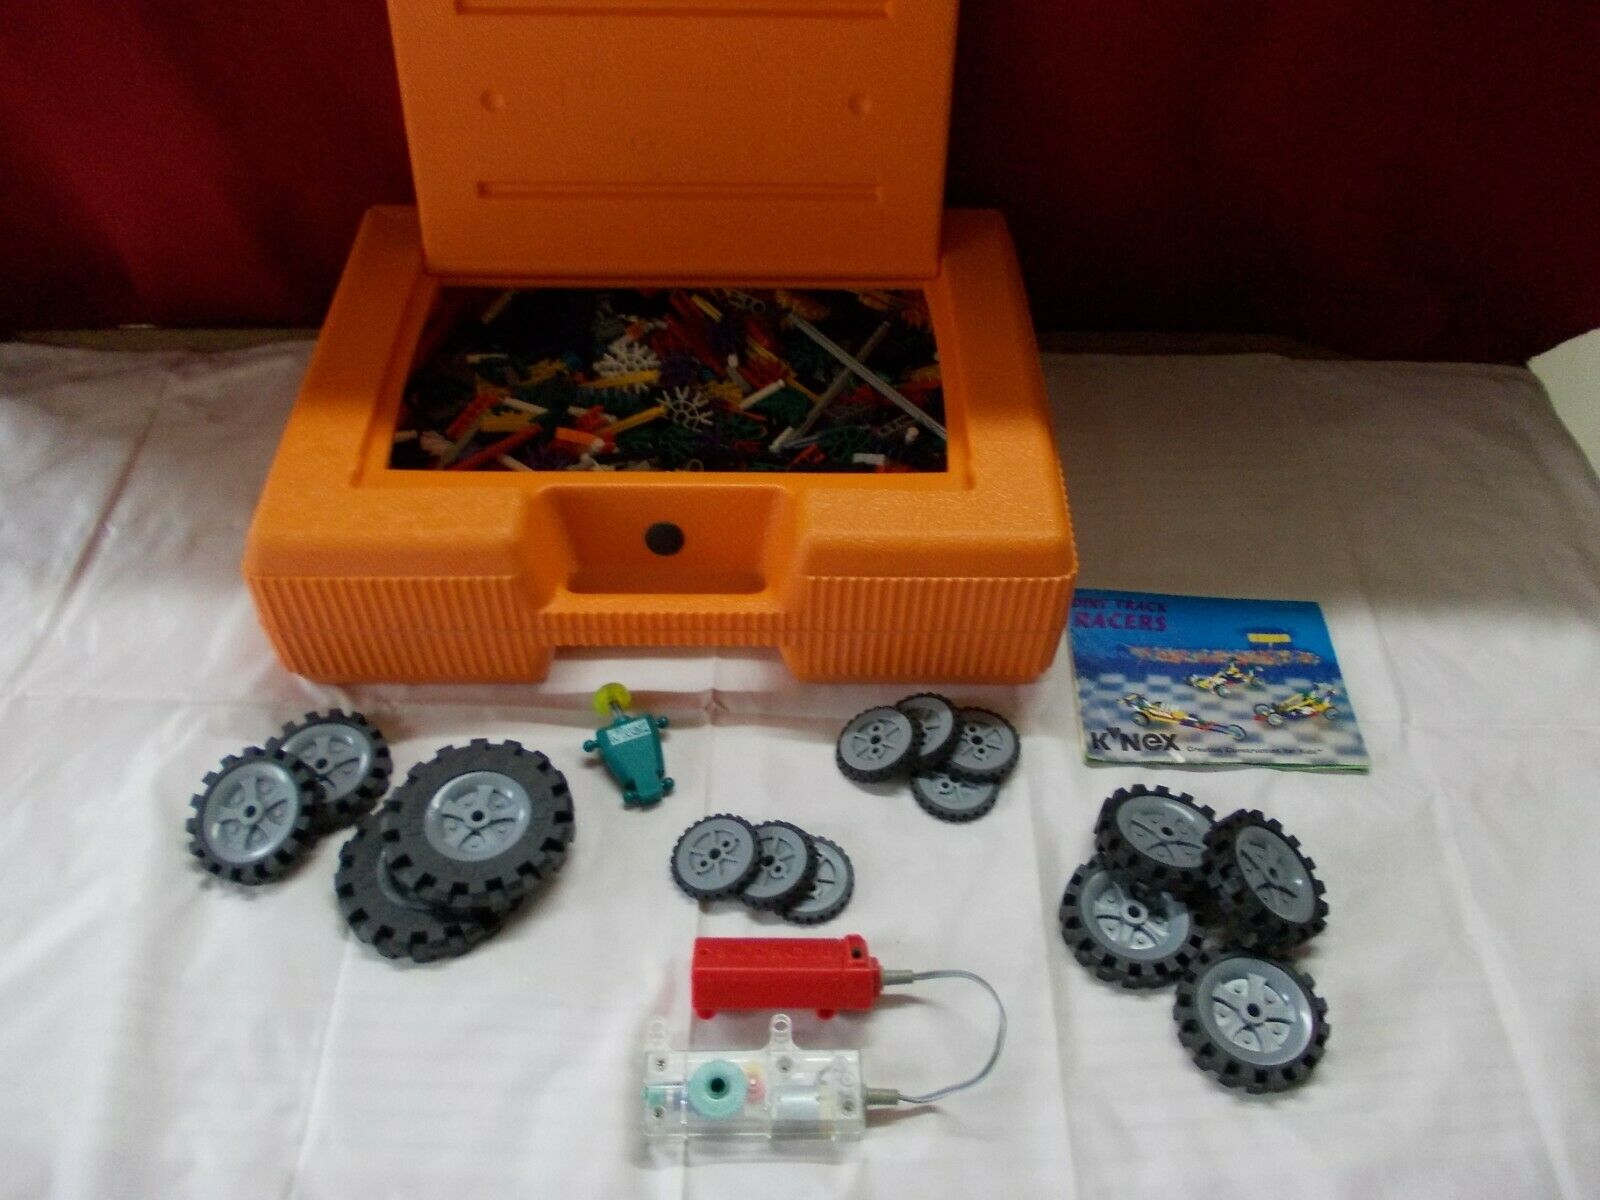 K'nex Grosse koffer Orange mit +1100 teile 15 reifen konvolut + motor